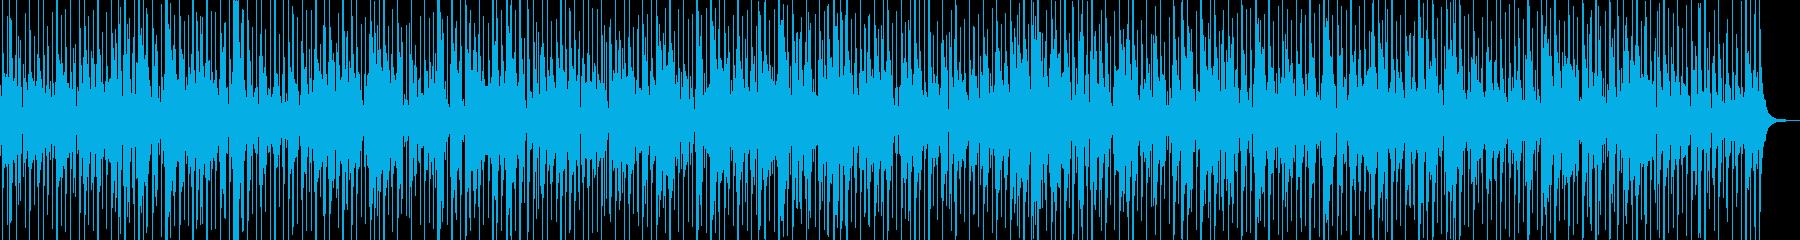 日常のコーヒーブレイクに合うジャズワルツの再生済みの波形